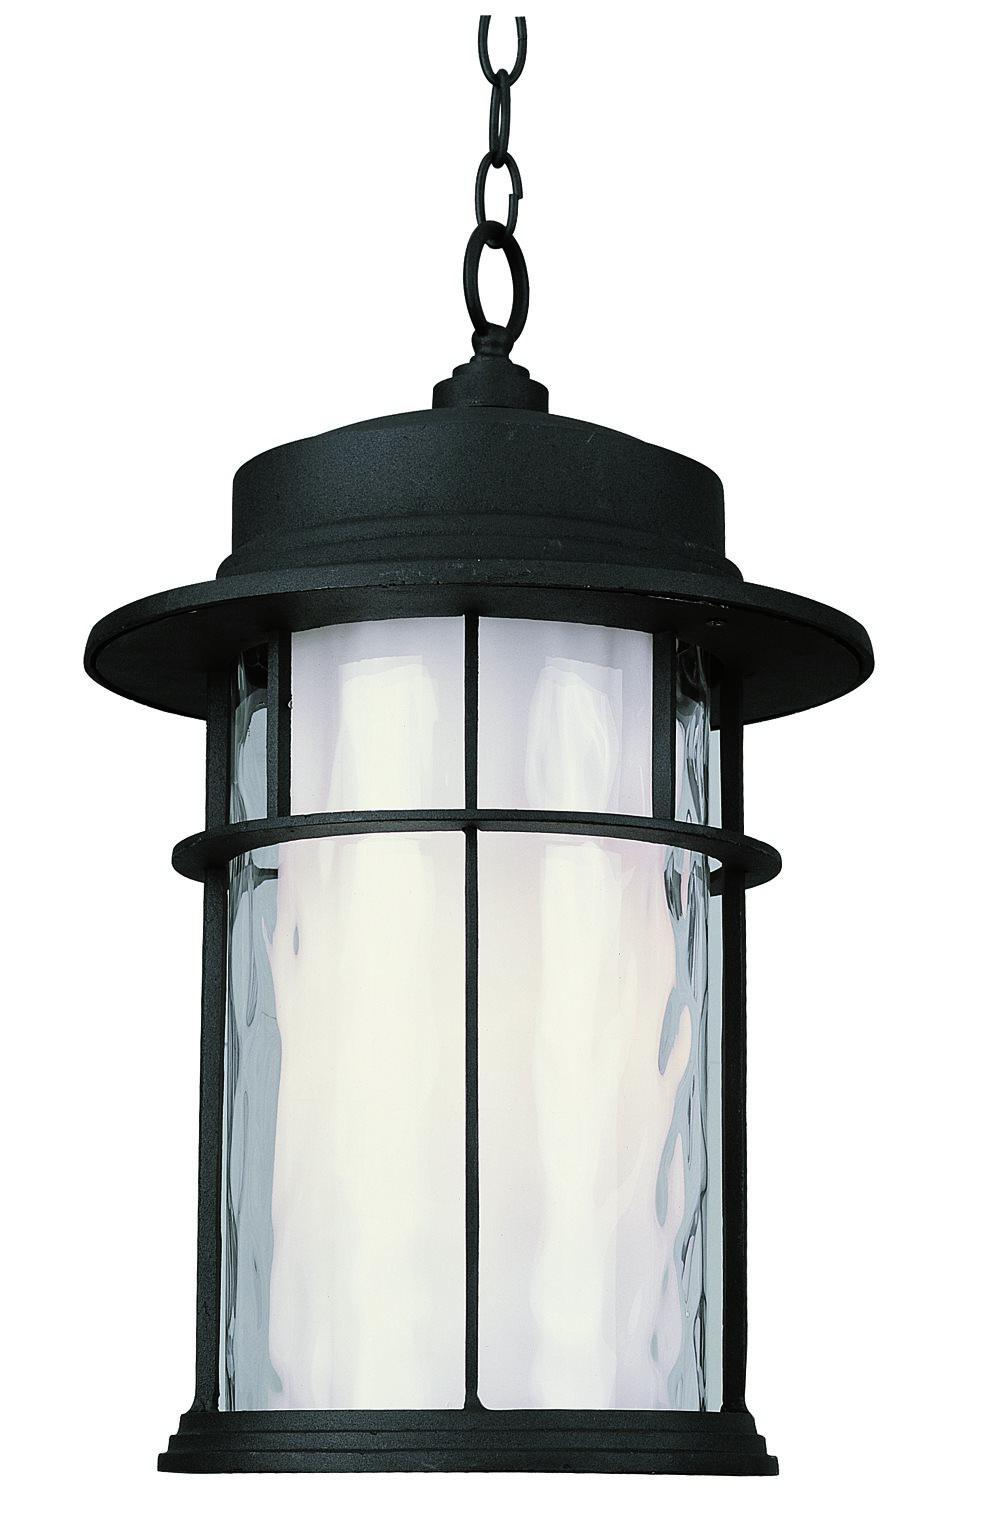 trans globe lighting 5295 bk craftsman transitional. Black Bedroom Furniture Sets. Home Design Ideas